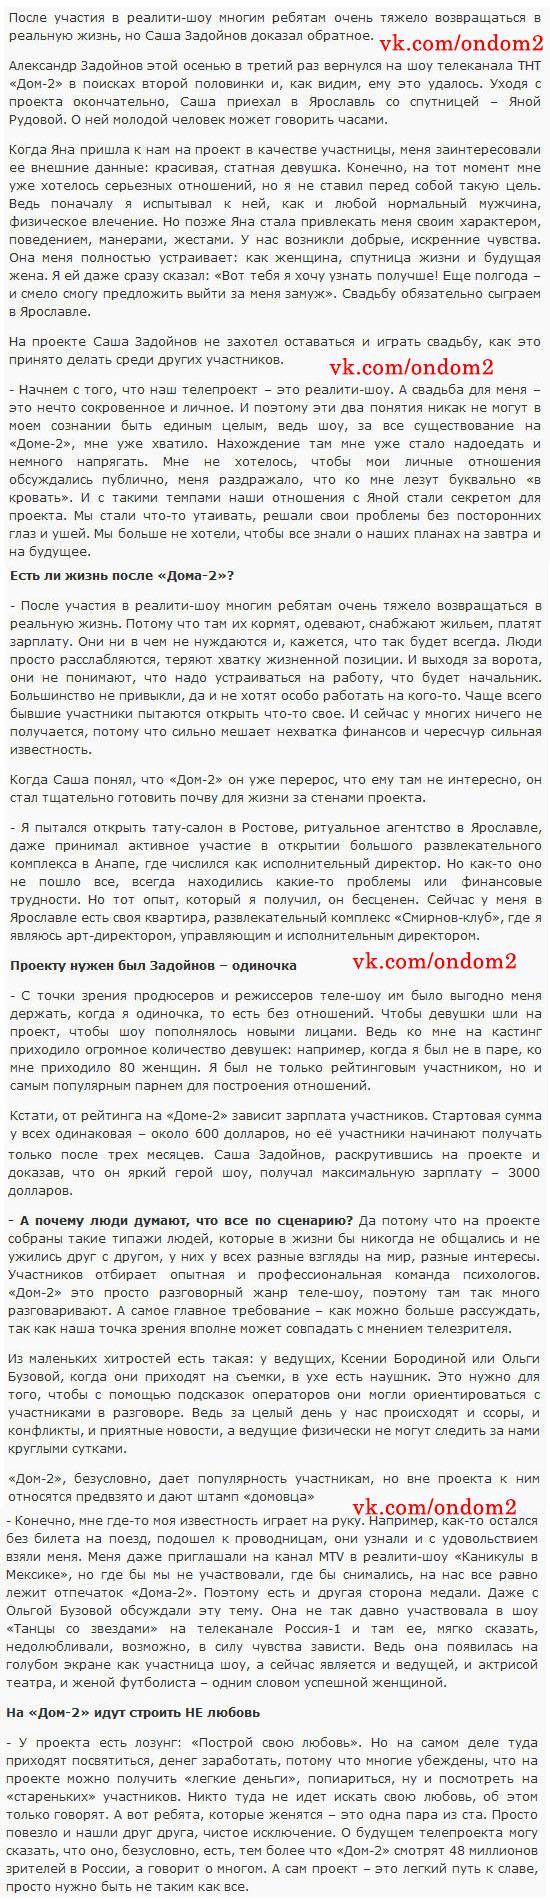 Интервью Александра Задойнова